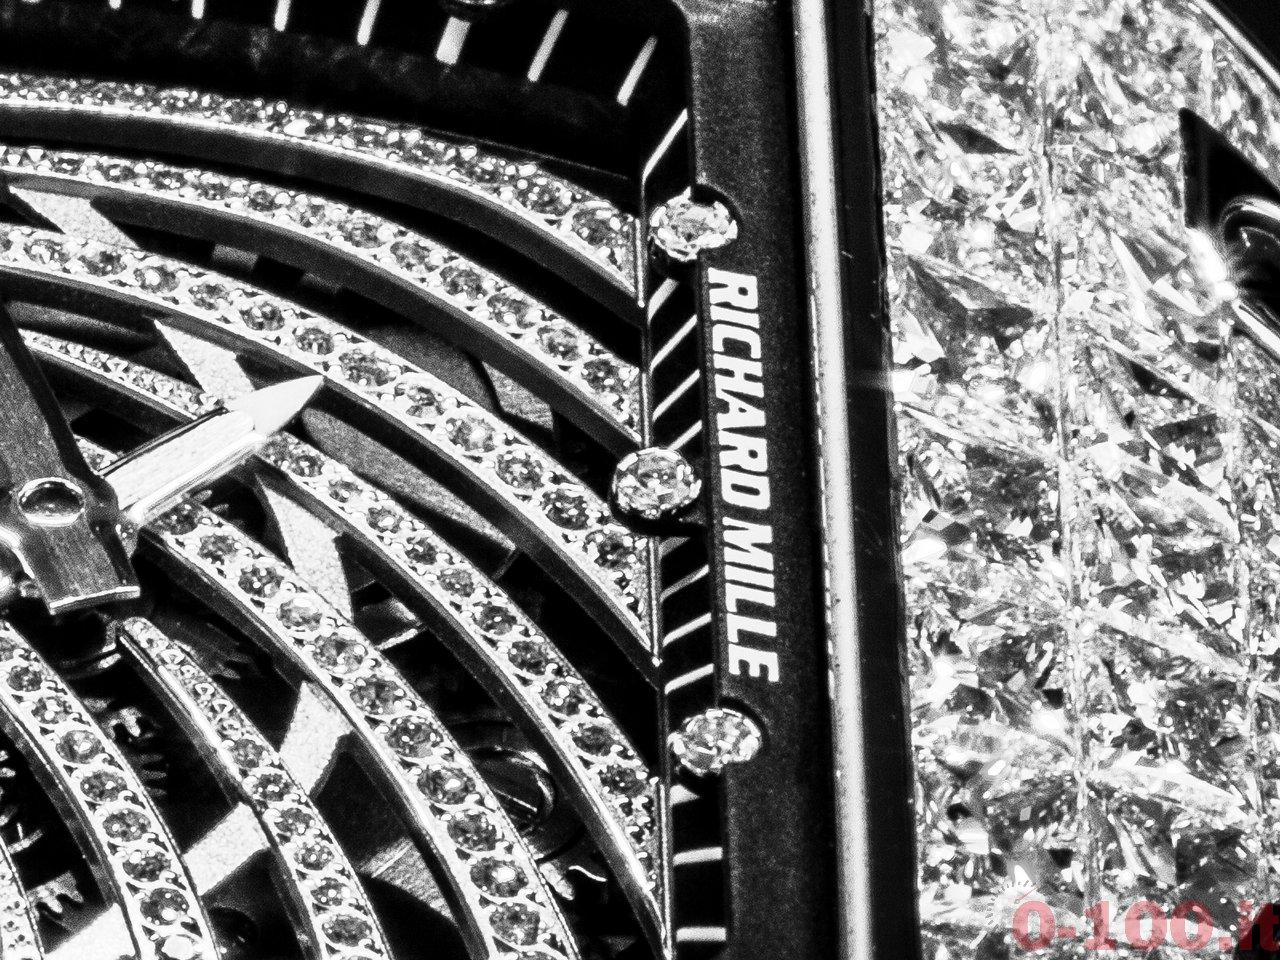 sihh-2015-richard-mille-rm-51-02-tourbillon-diamond-twister-0-100_12